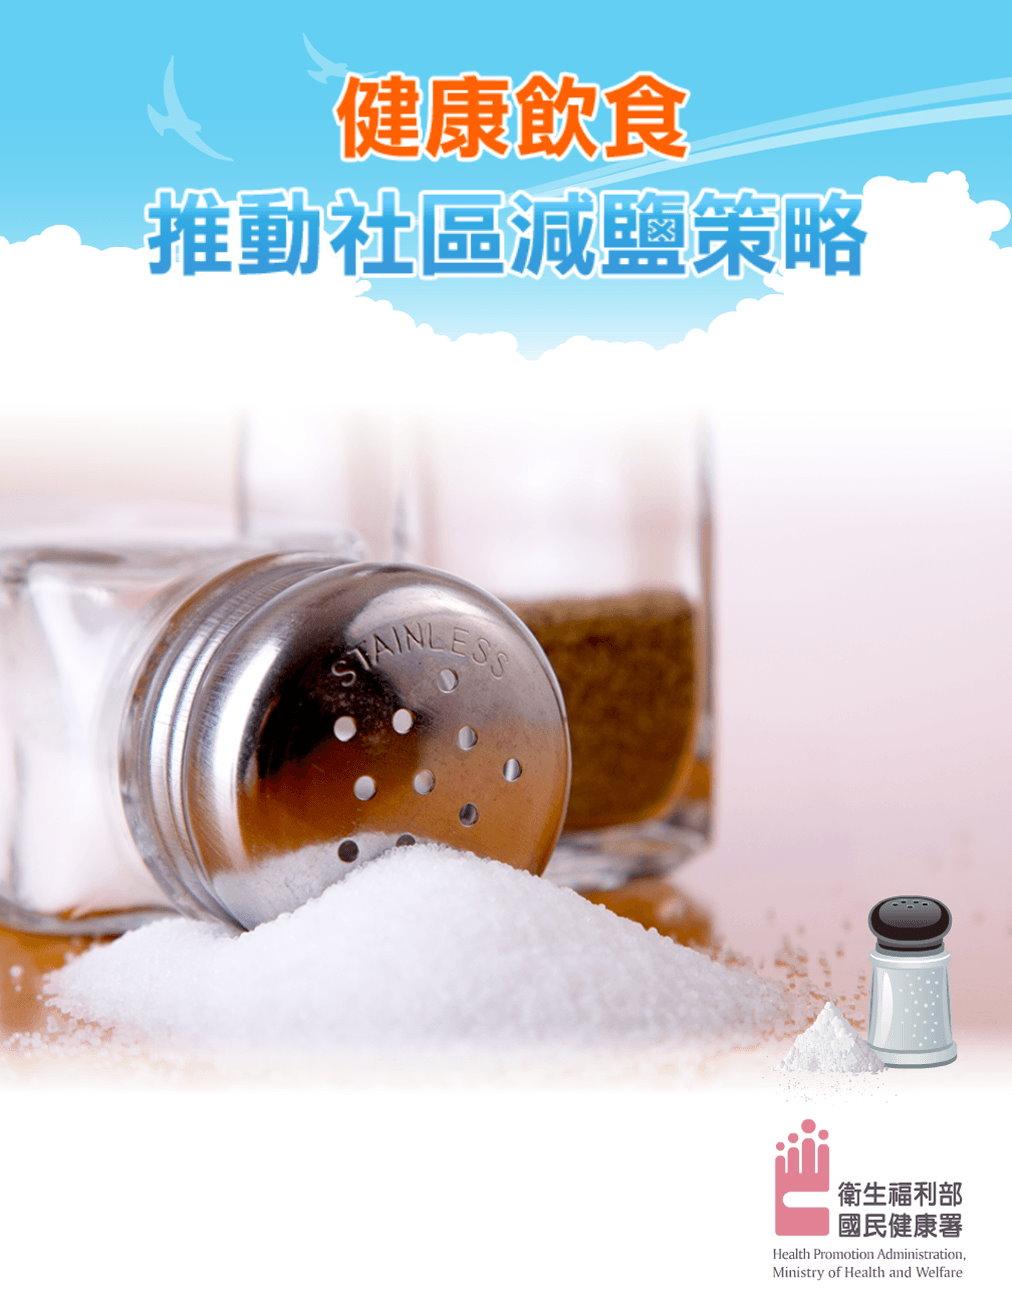 推動社區減鹽策略